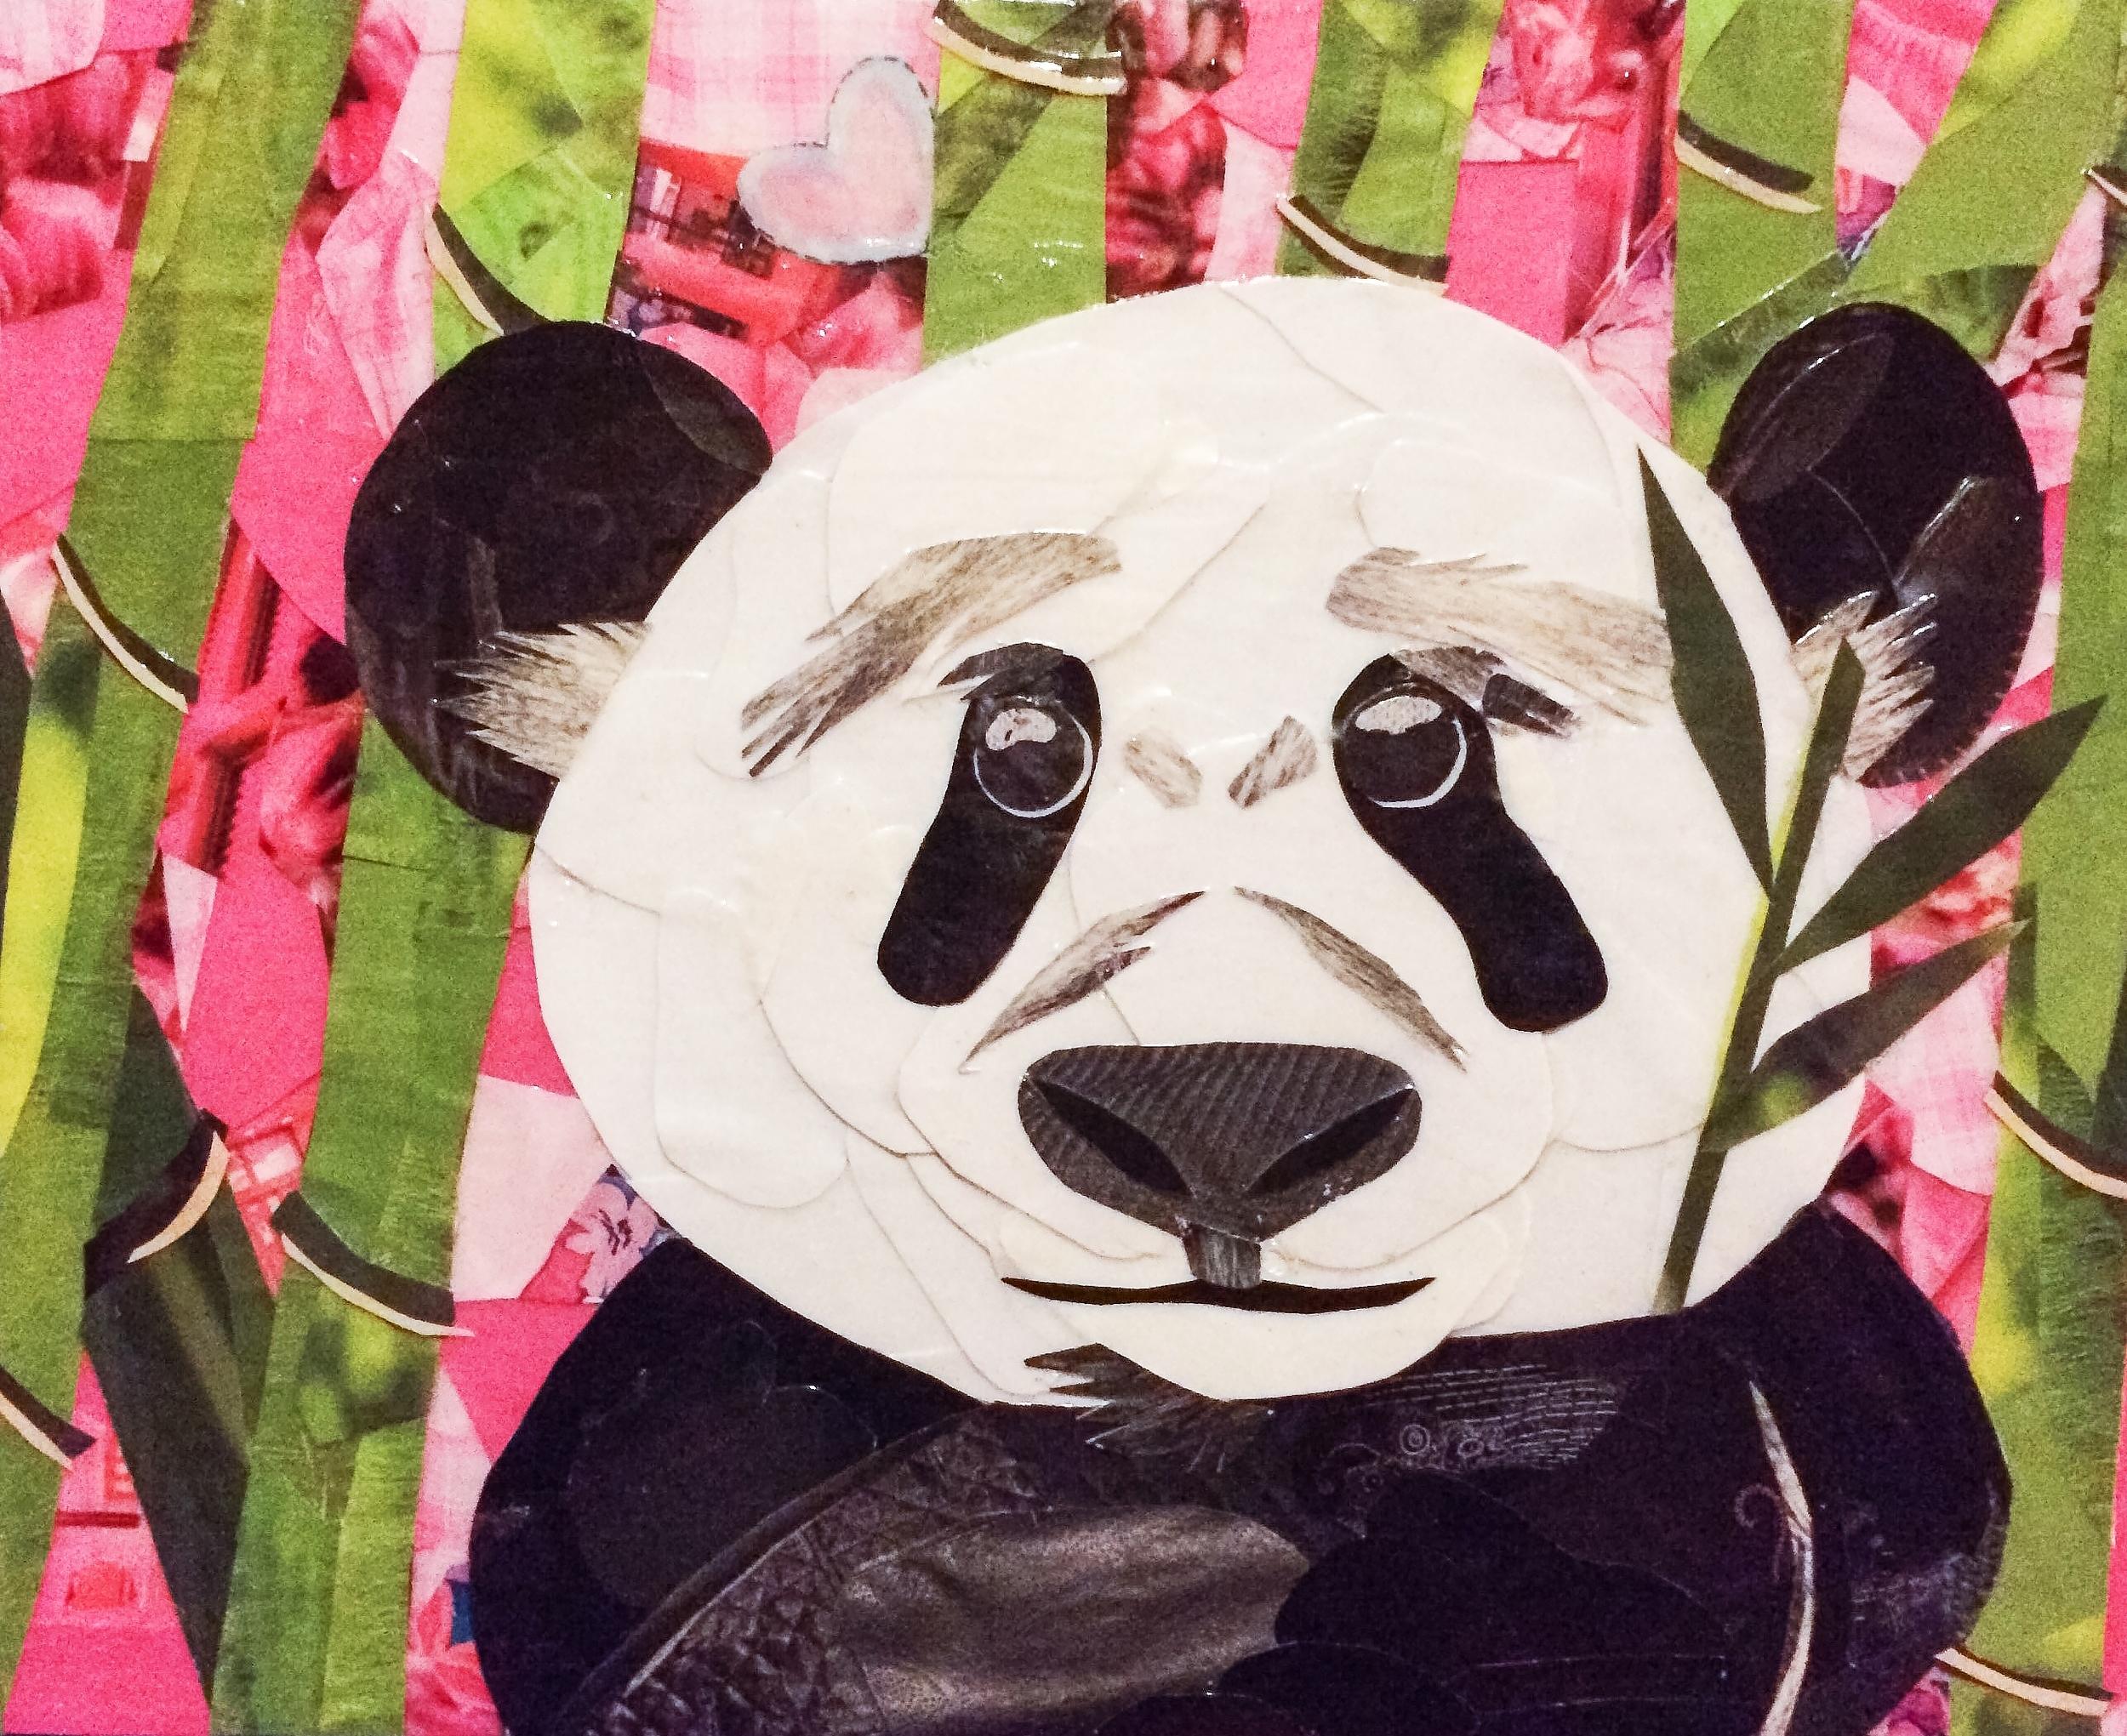 Miranda Panda